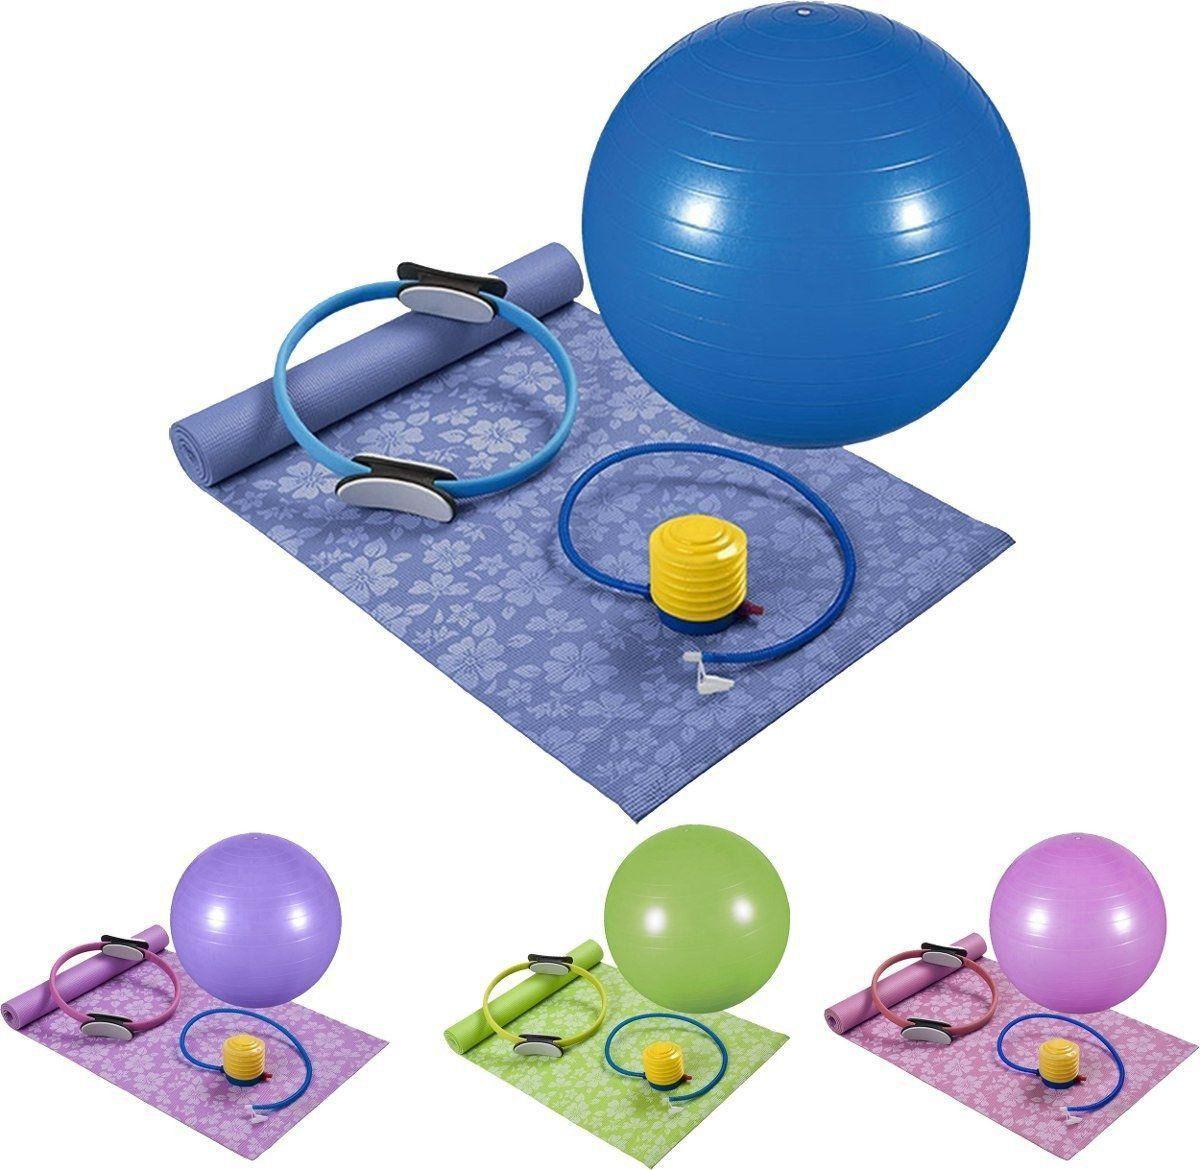 Kit Pilates 4 Peças Bola 65cm + Tapete + Bomba + Anel - Mor